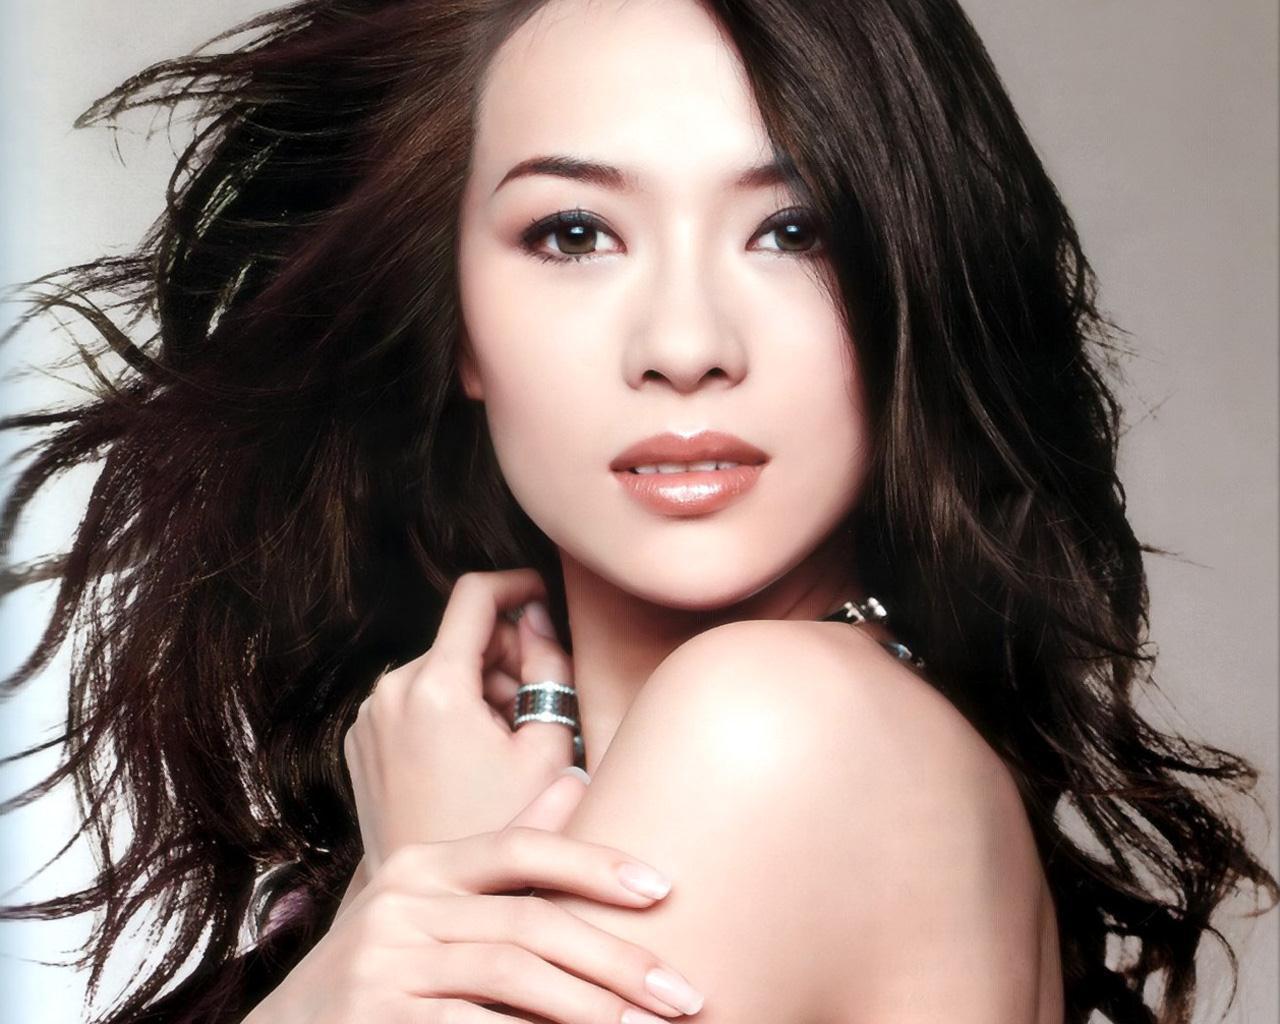 Фото красивых азиатских знаменитостей девушек 27 фотография